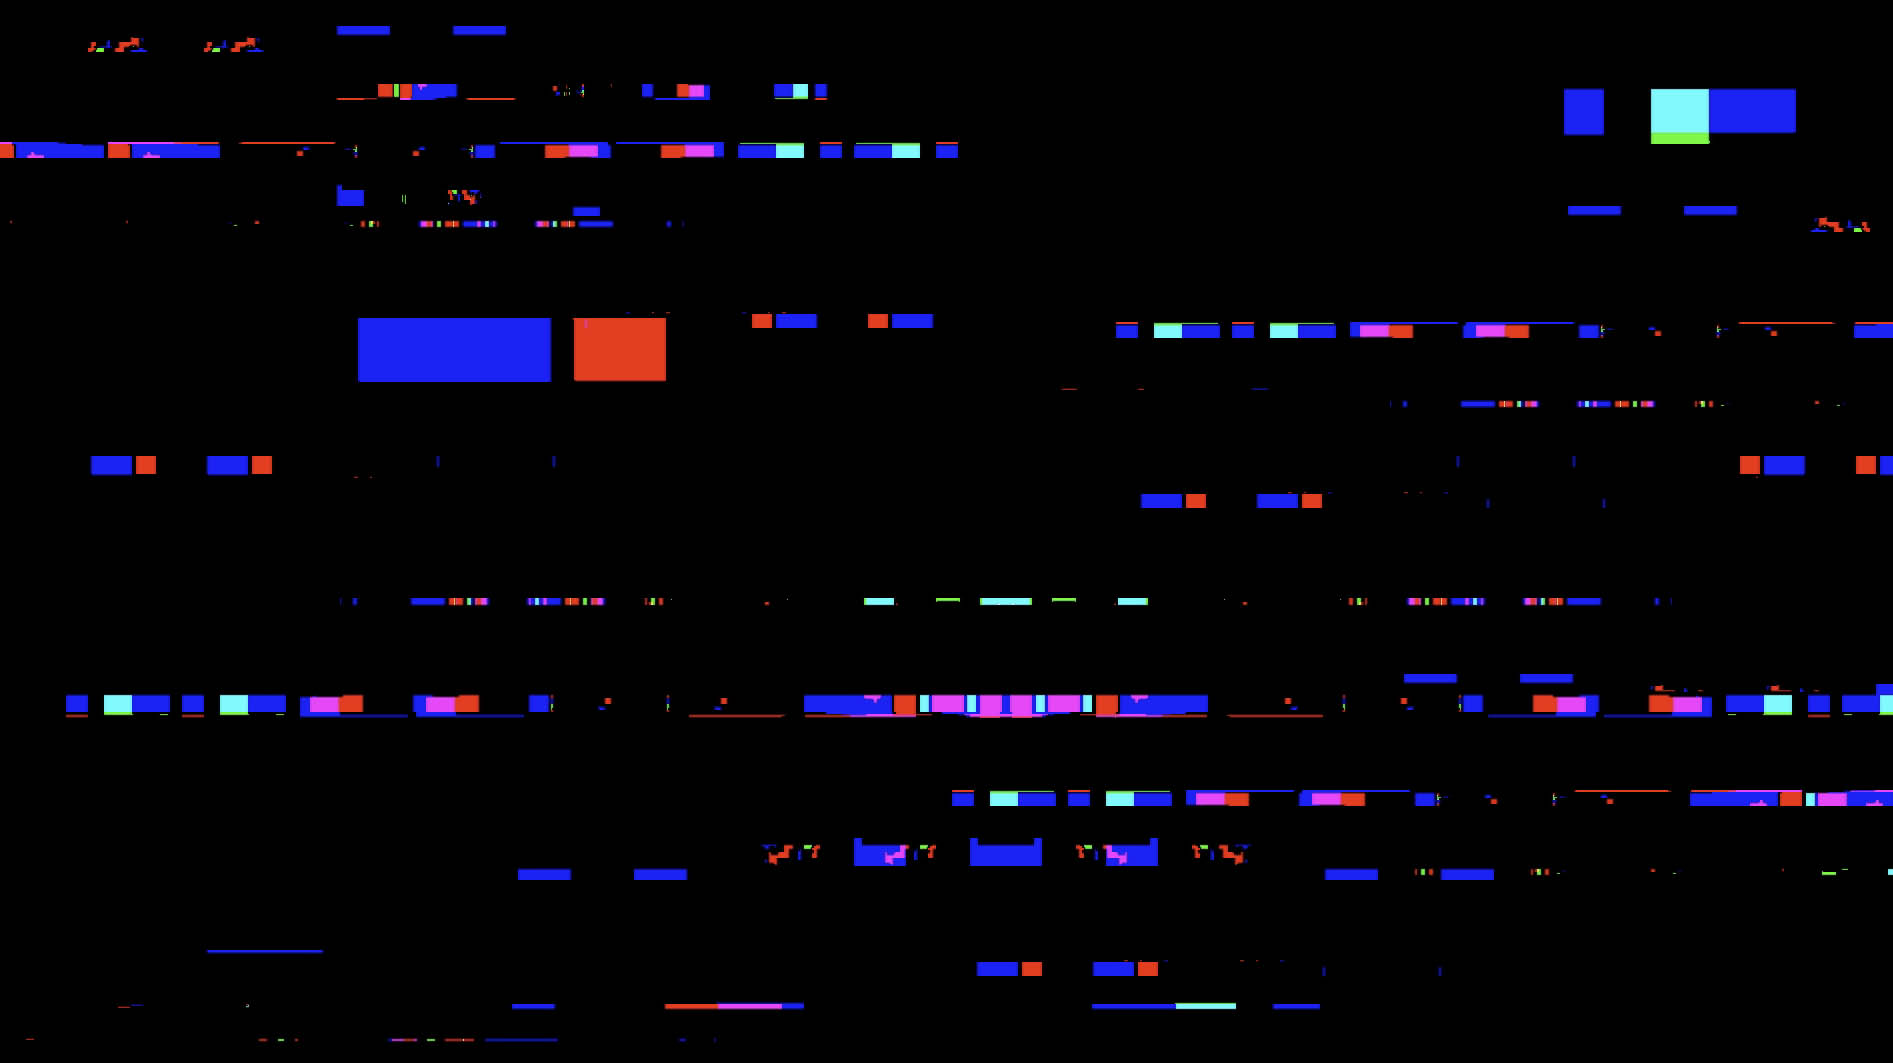 屏幕花屏乱码叠加转场素材